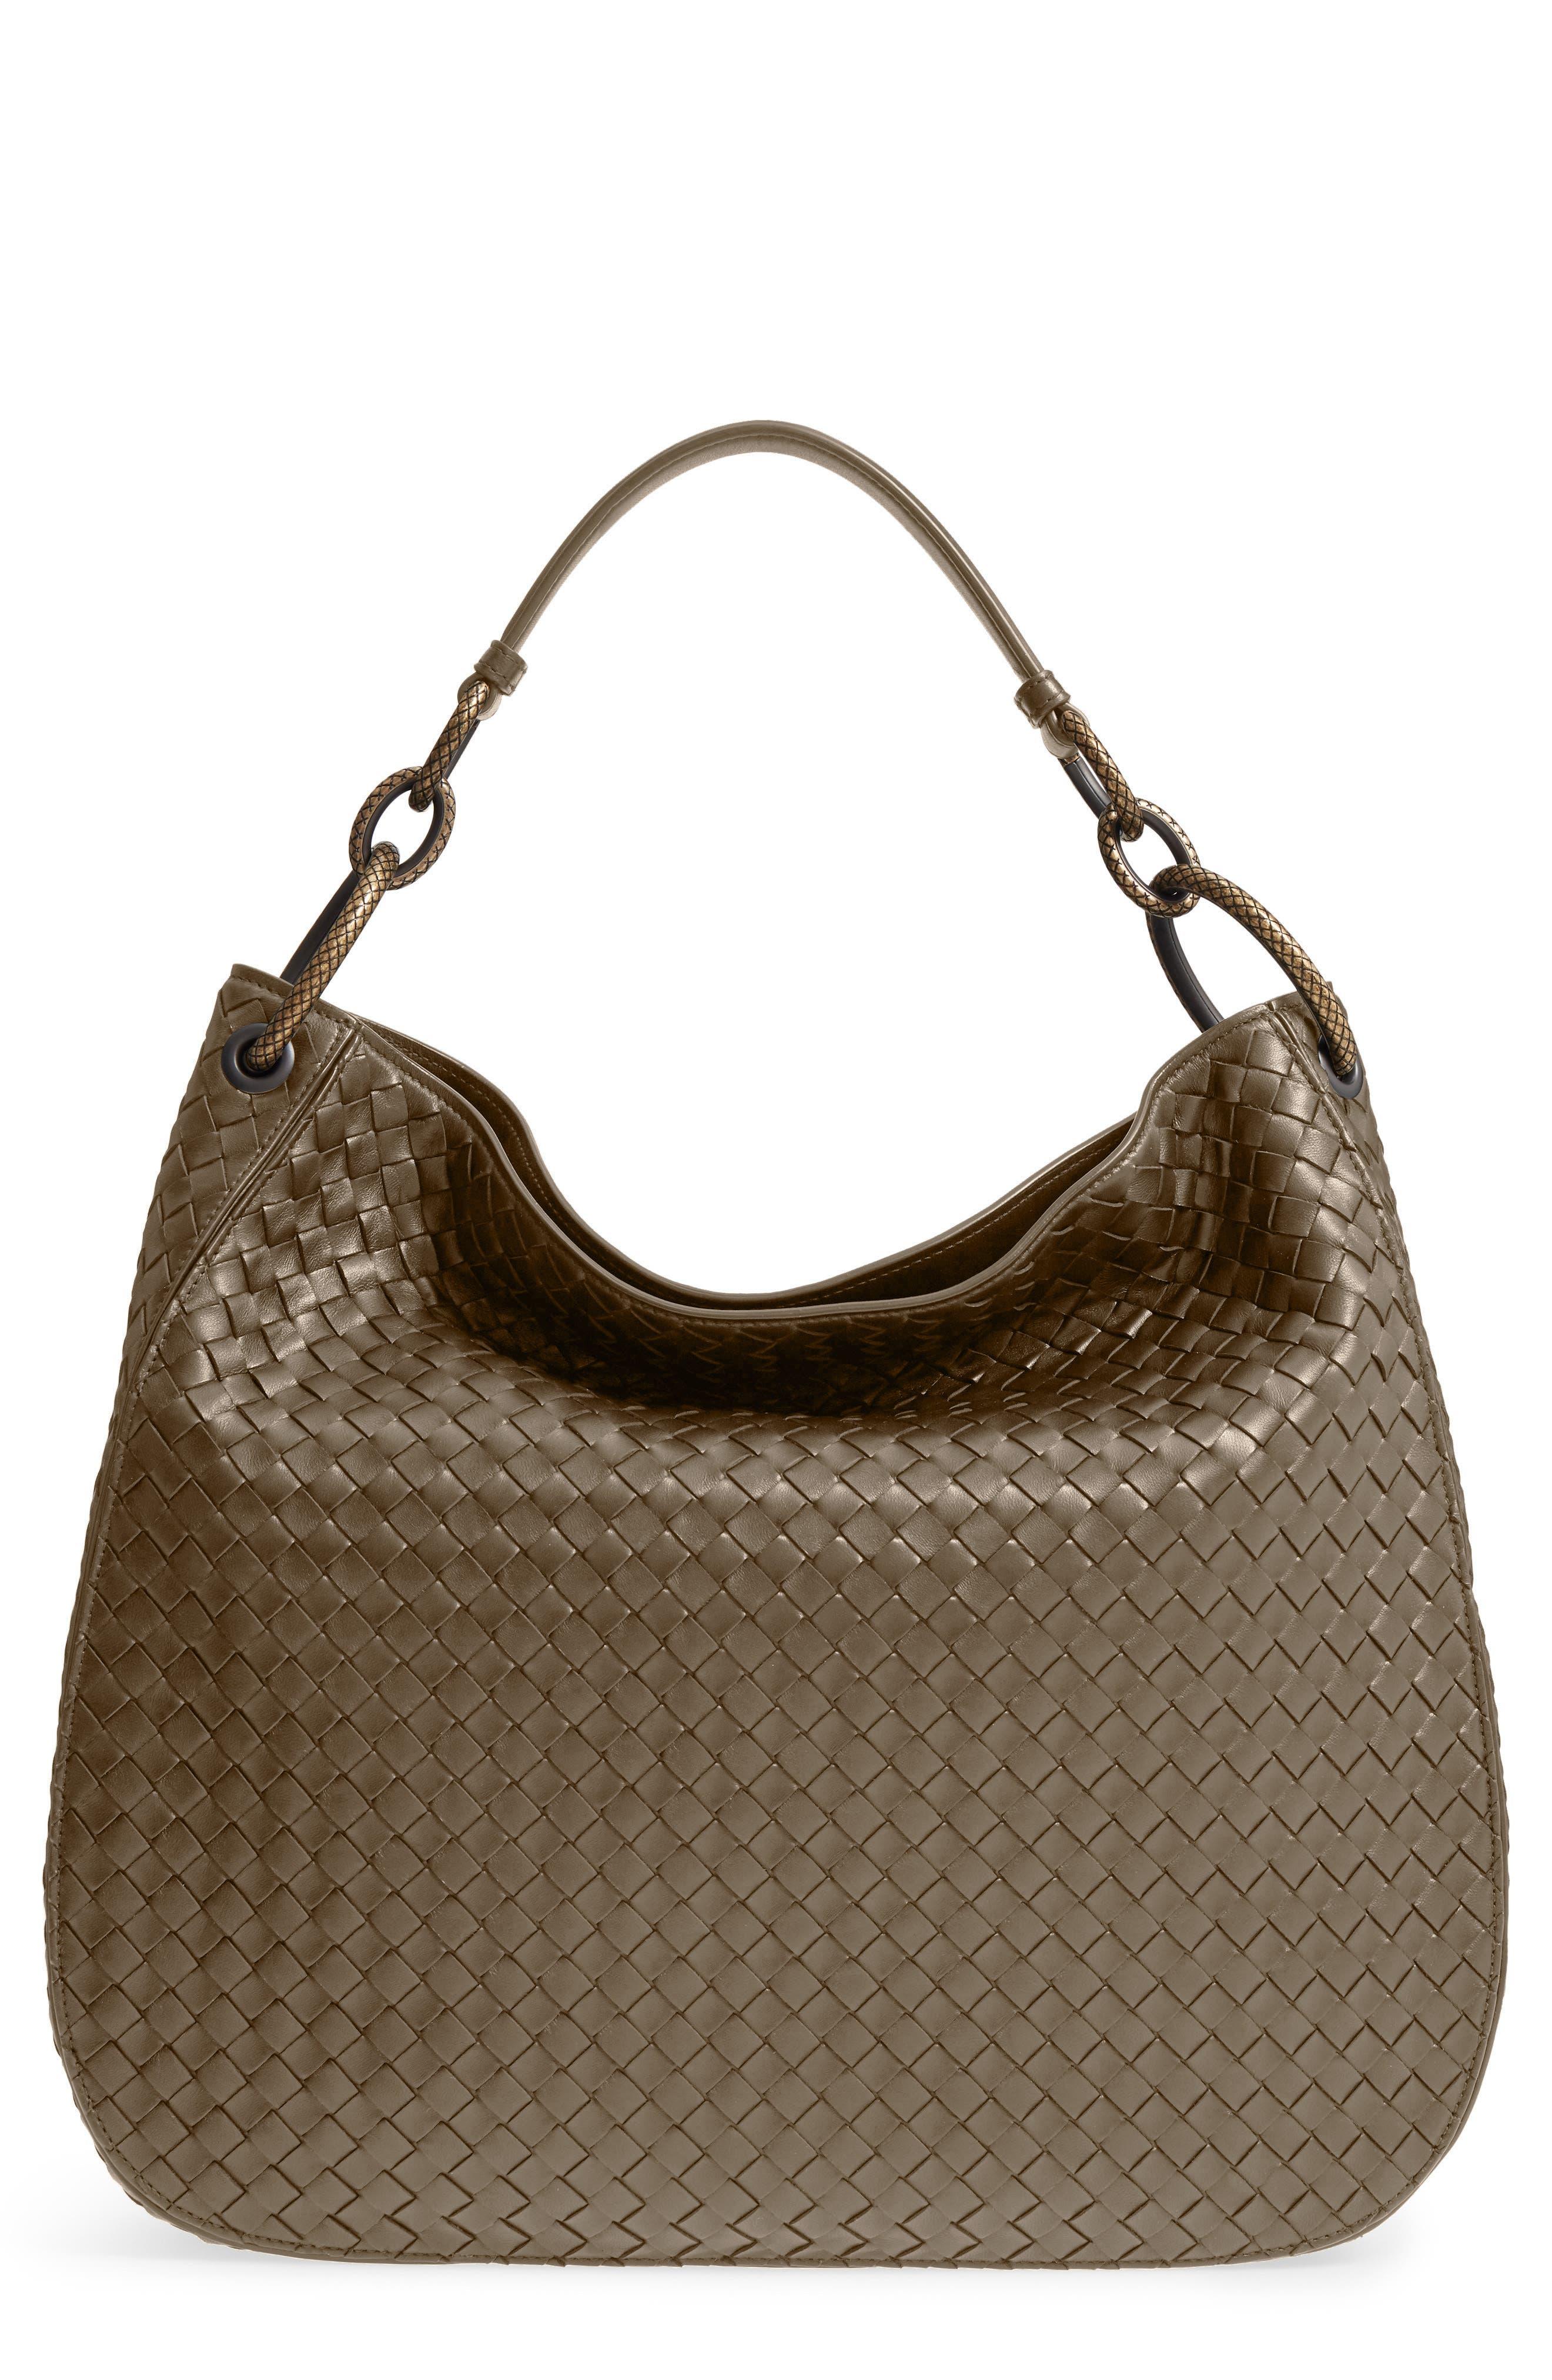 BOTTEGA VENETA,                             Large Loop Woven Leather Hobo,                             Main thumbnail 1, color,                             LIMESTONE